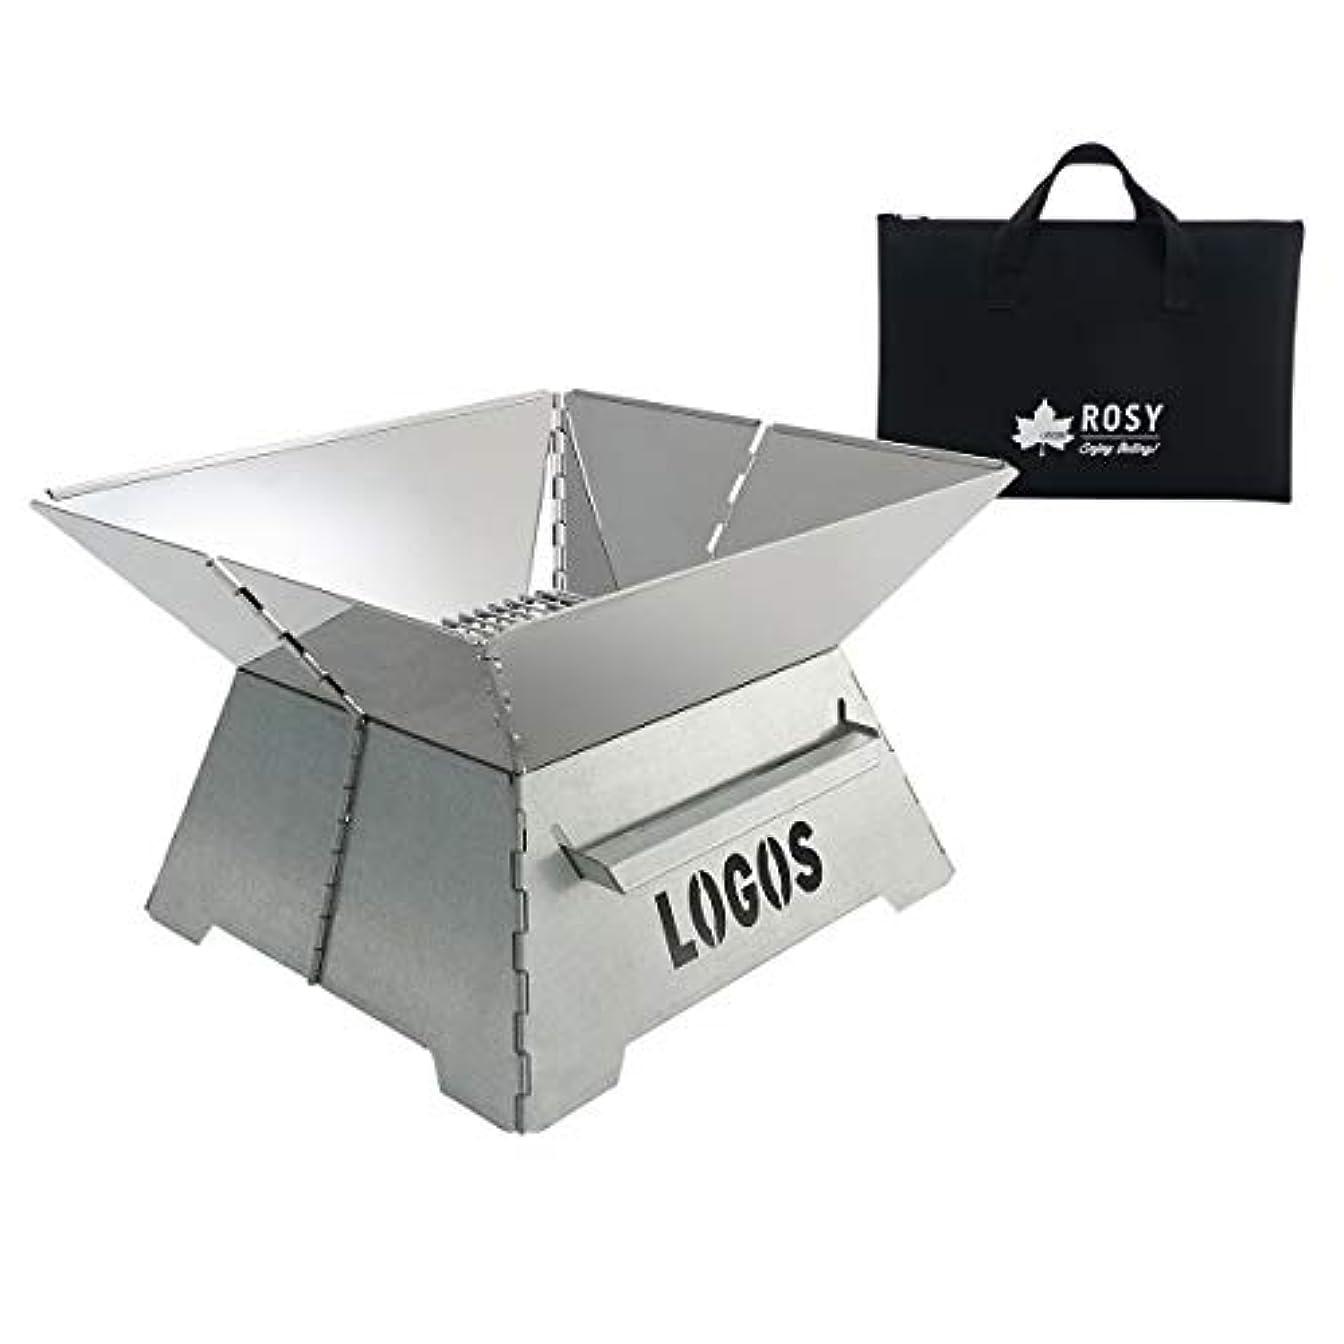 有毒な膜化粧ロゴス(LOGOS) ROSY たき火台 81064050